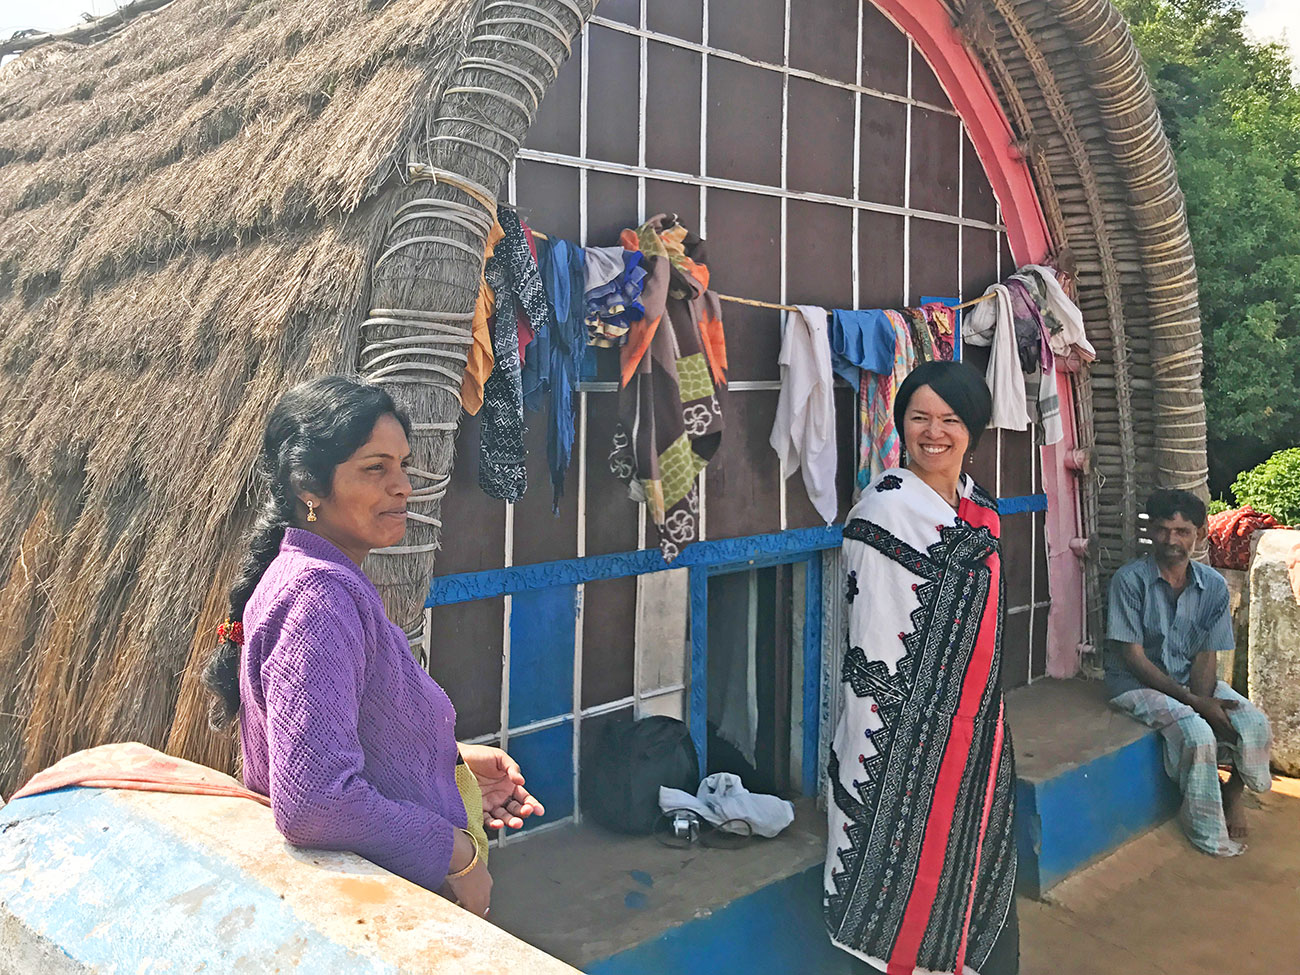 トダ族の衣装を貸してくれた女性とAROUND INDIA田村ゆみ